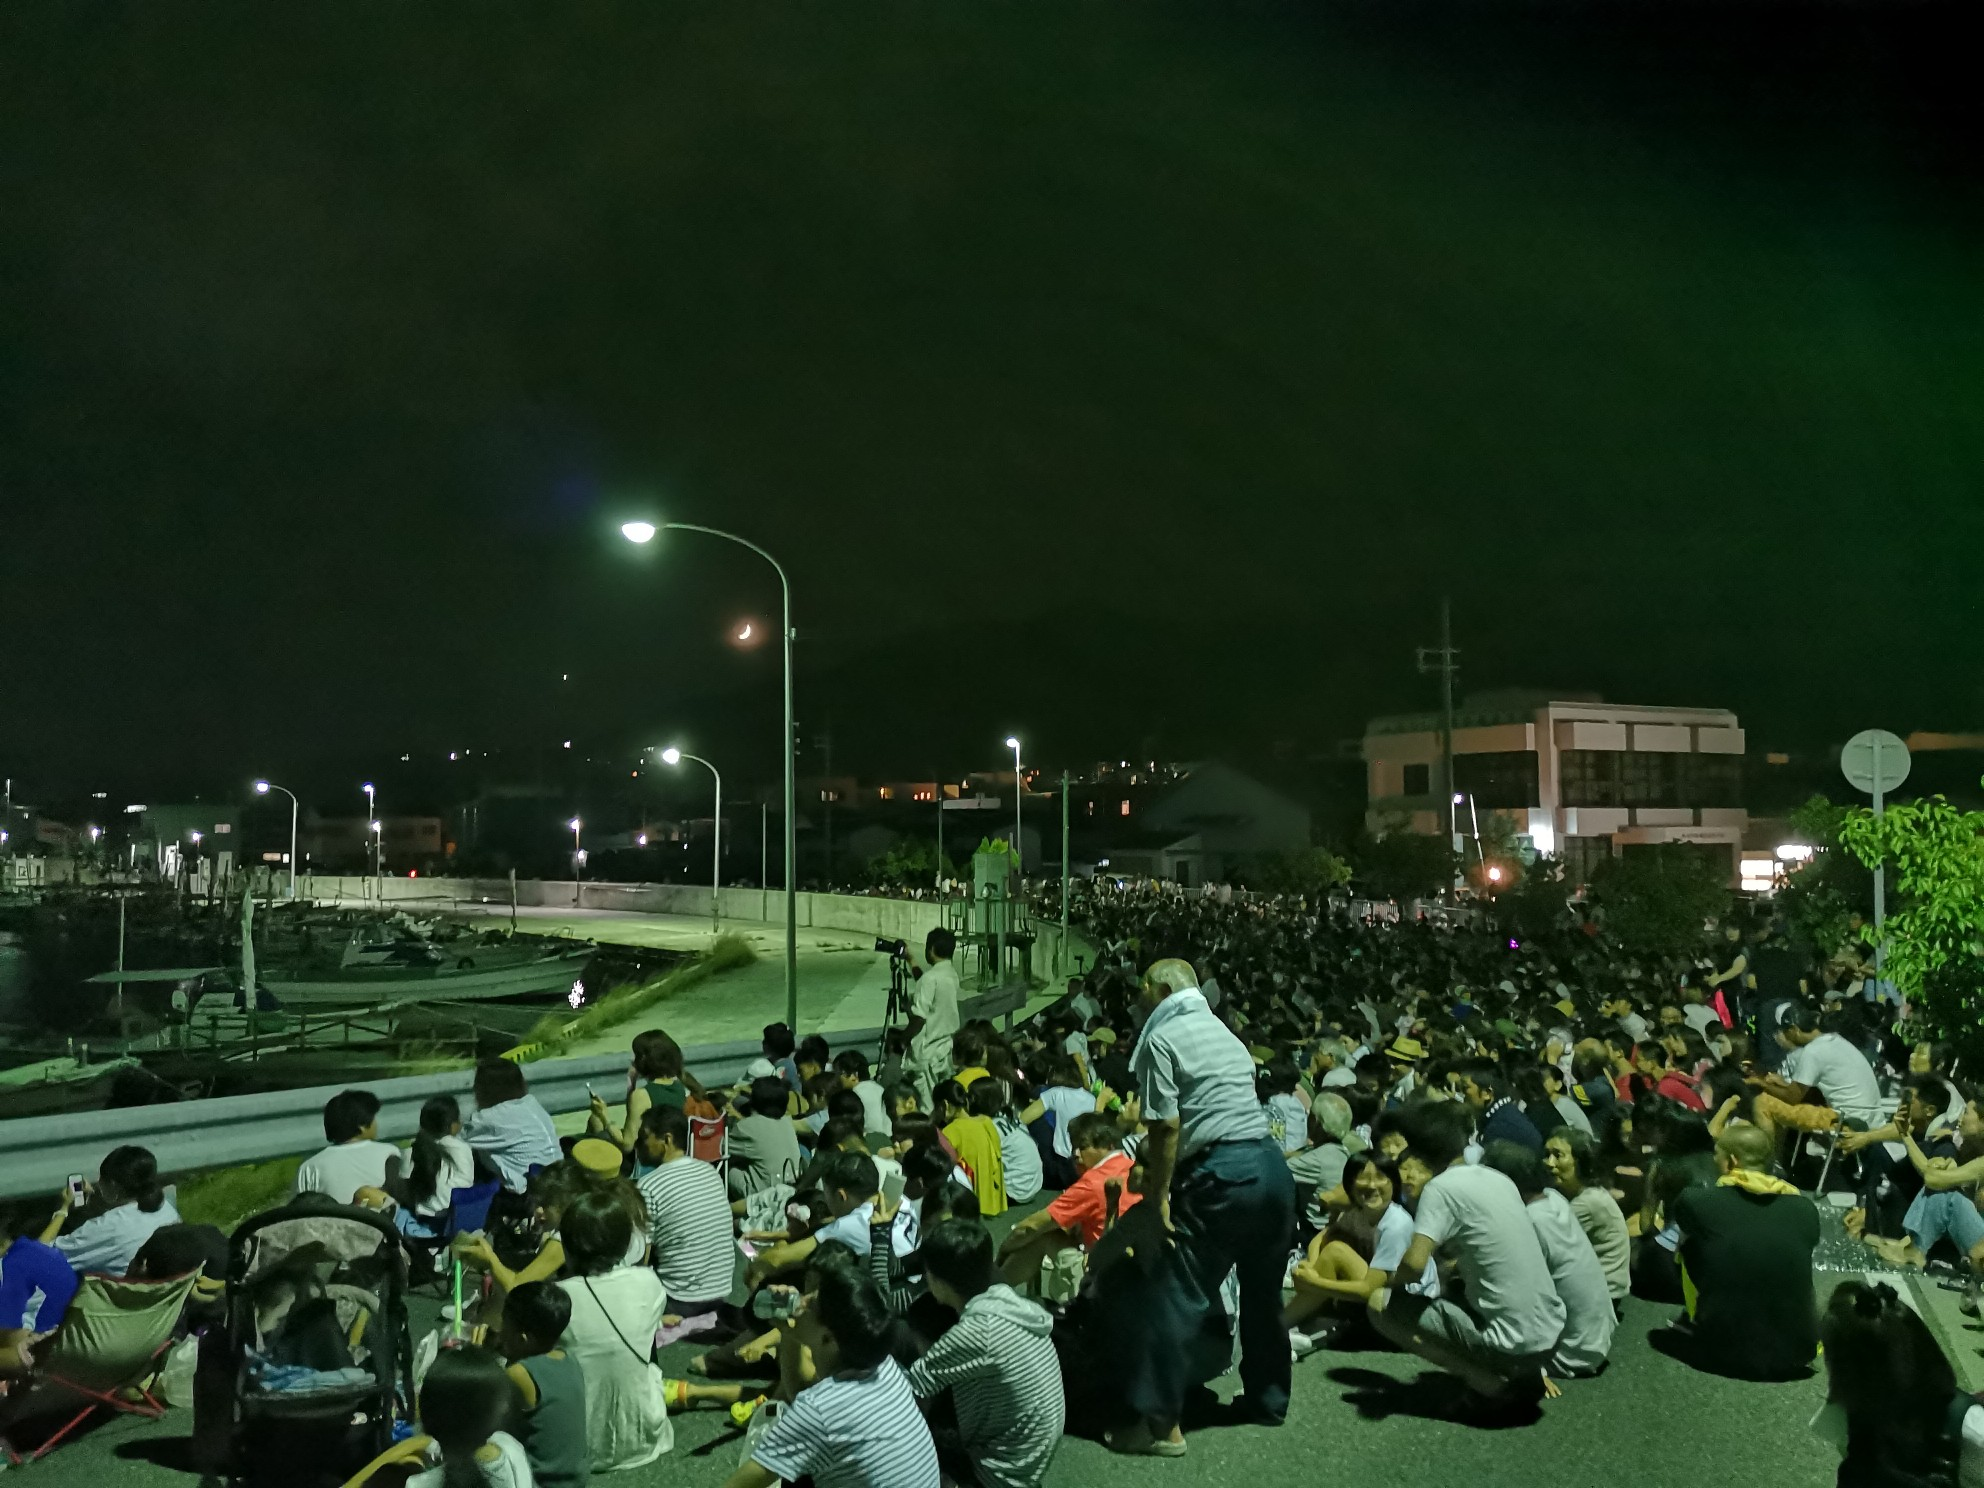 福良湾海上花火大会の福良の坂道